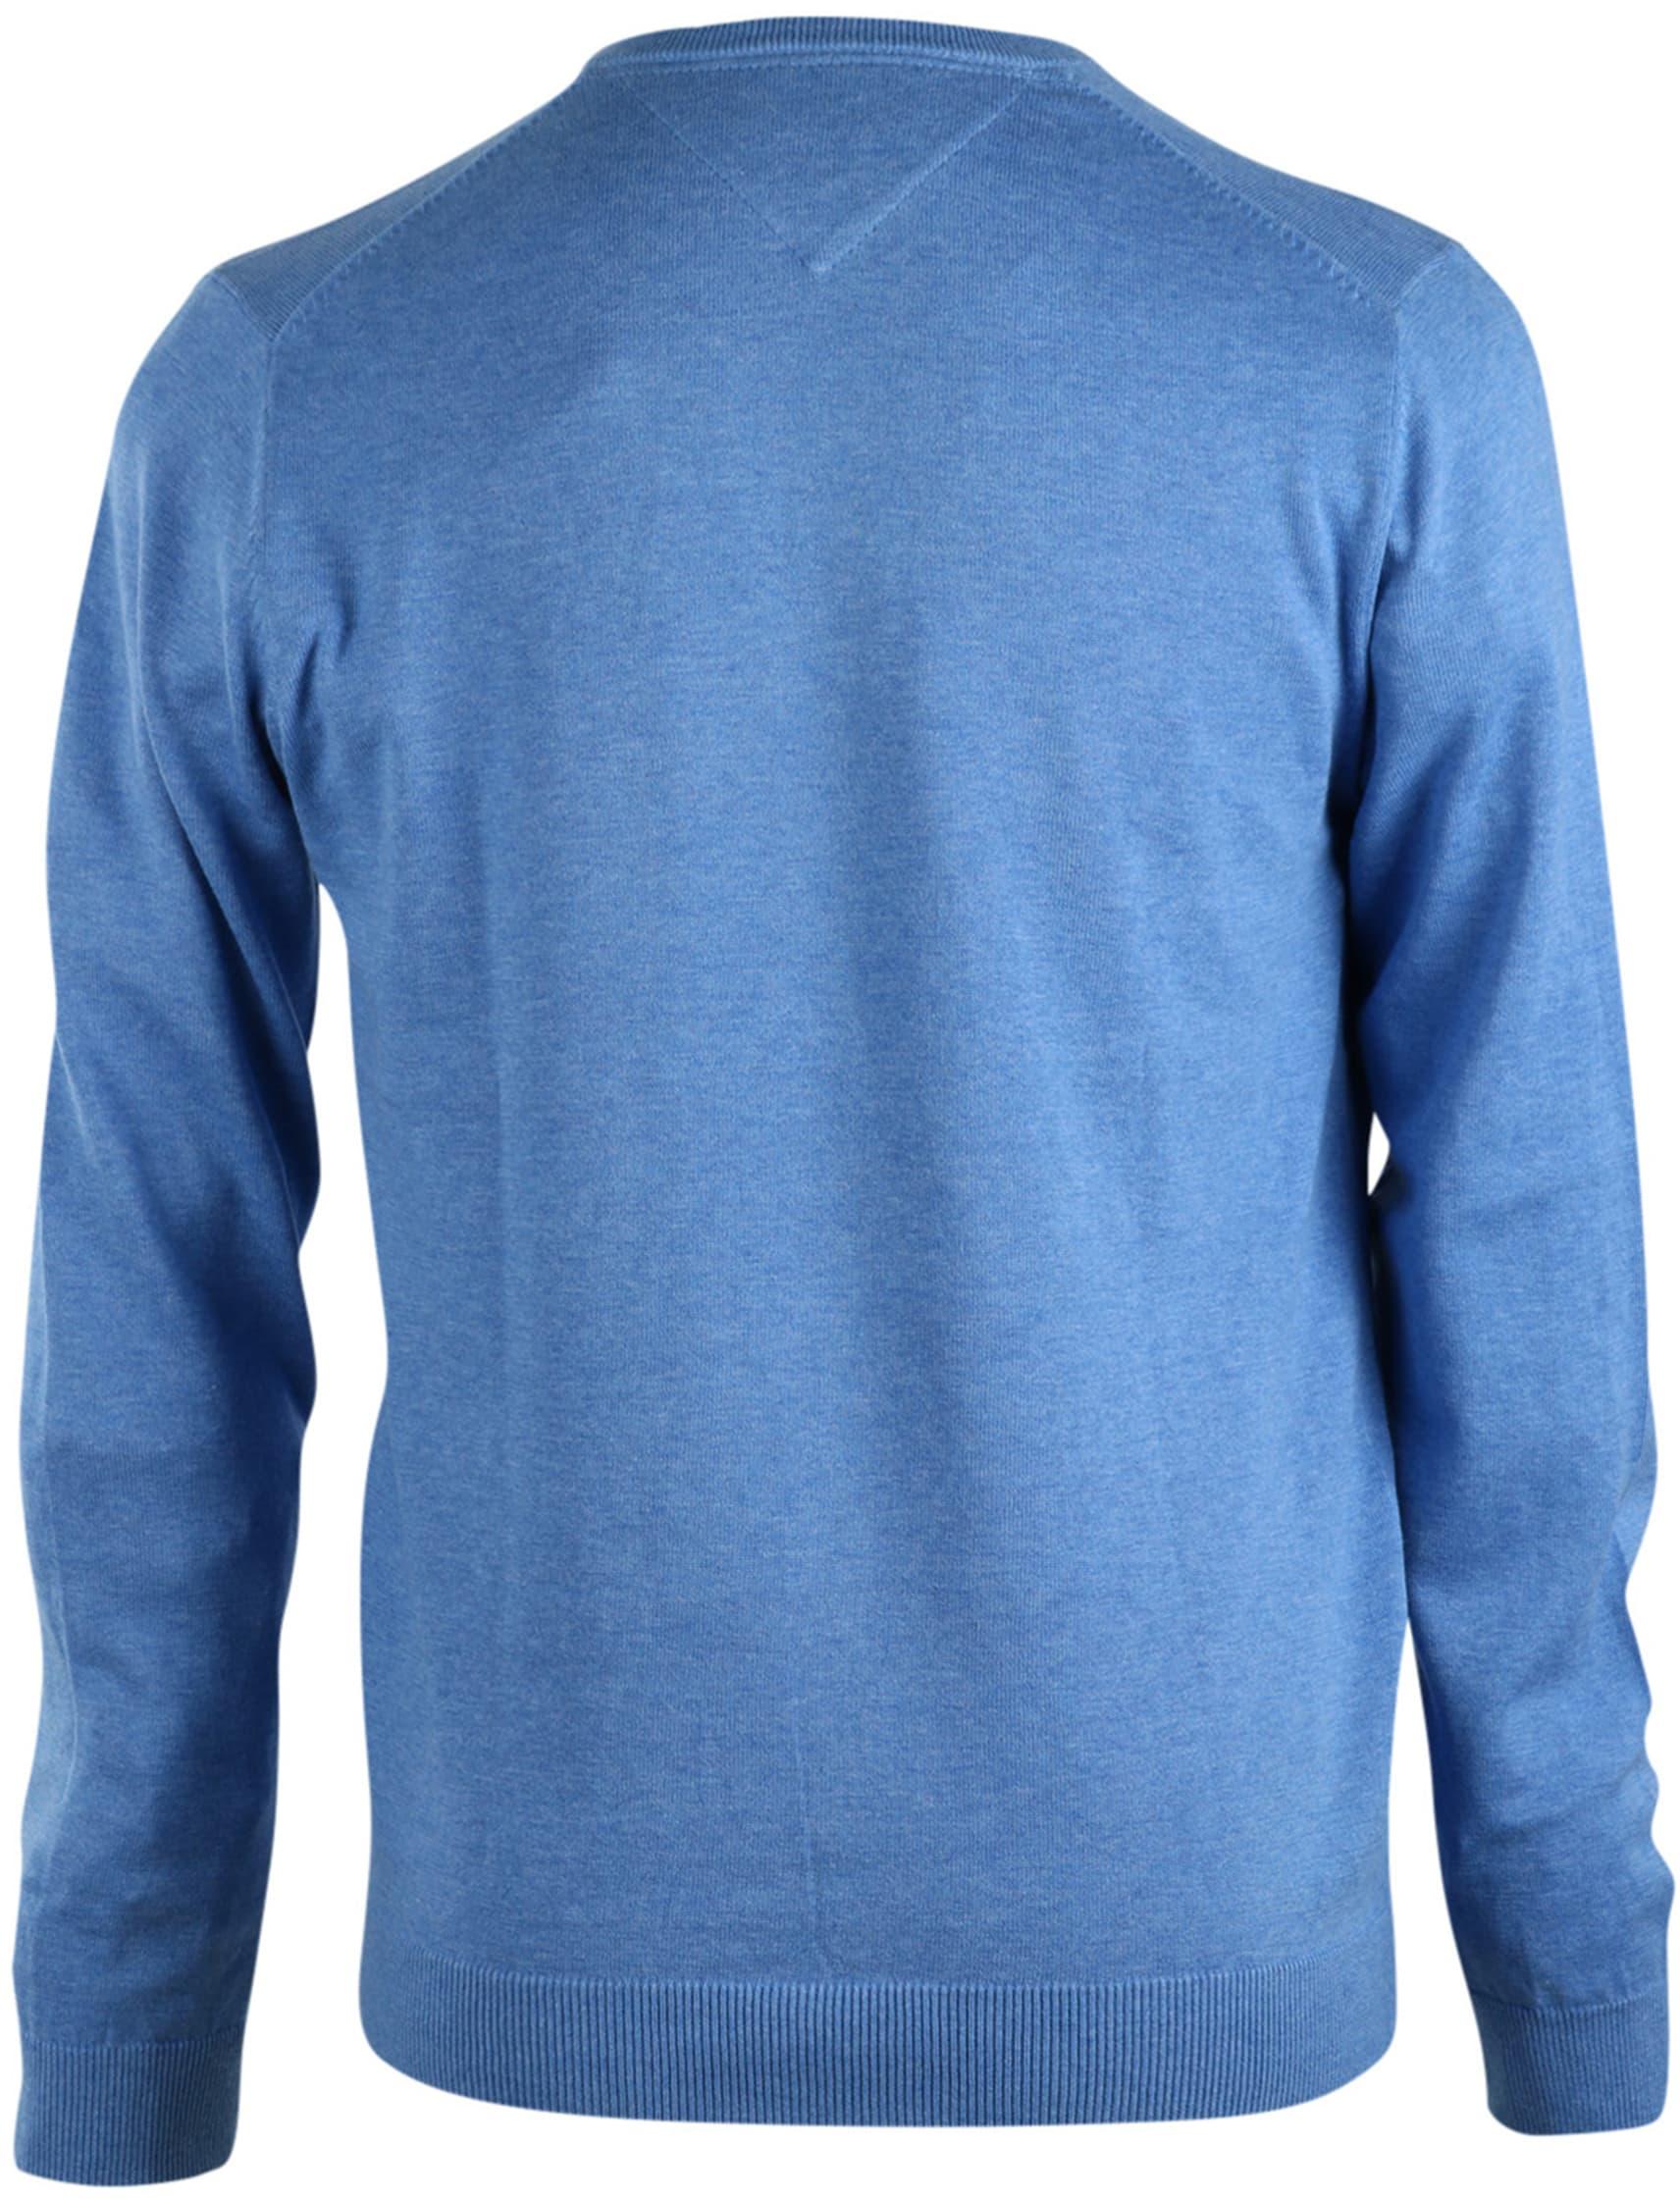 Michaelis Pullover V-Hals Lichtblauw foto 1